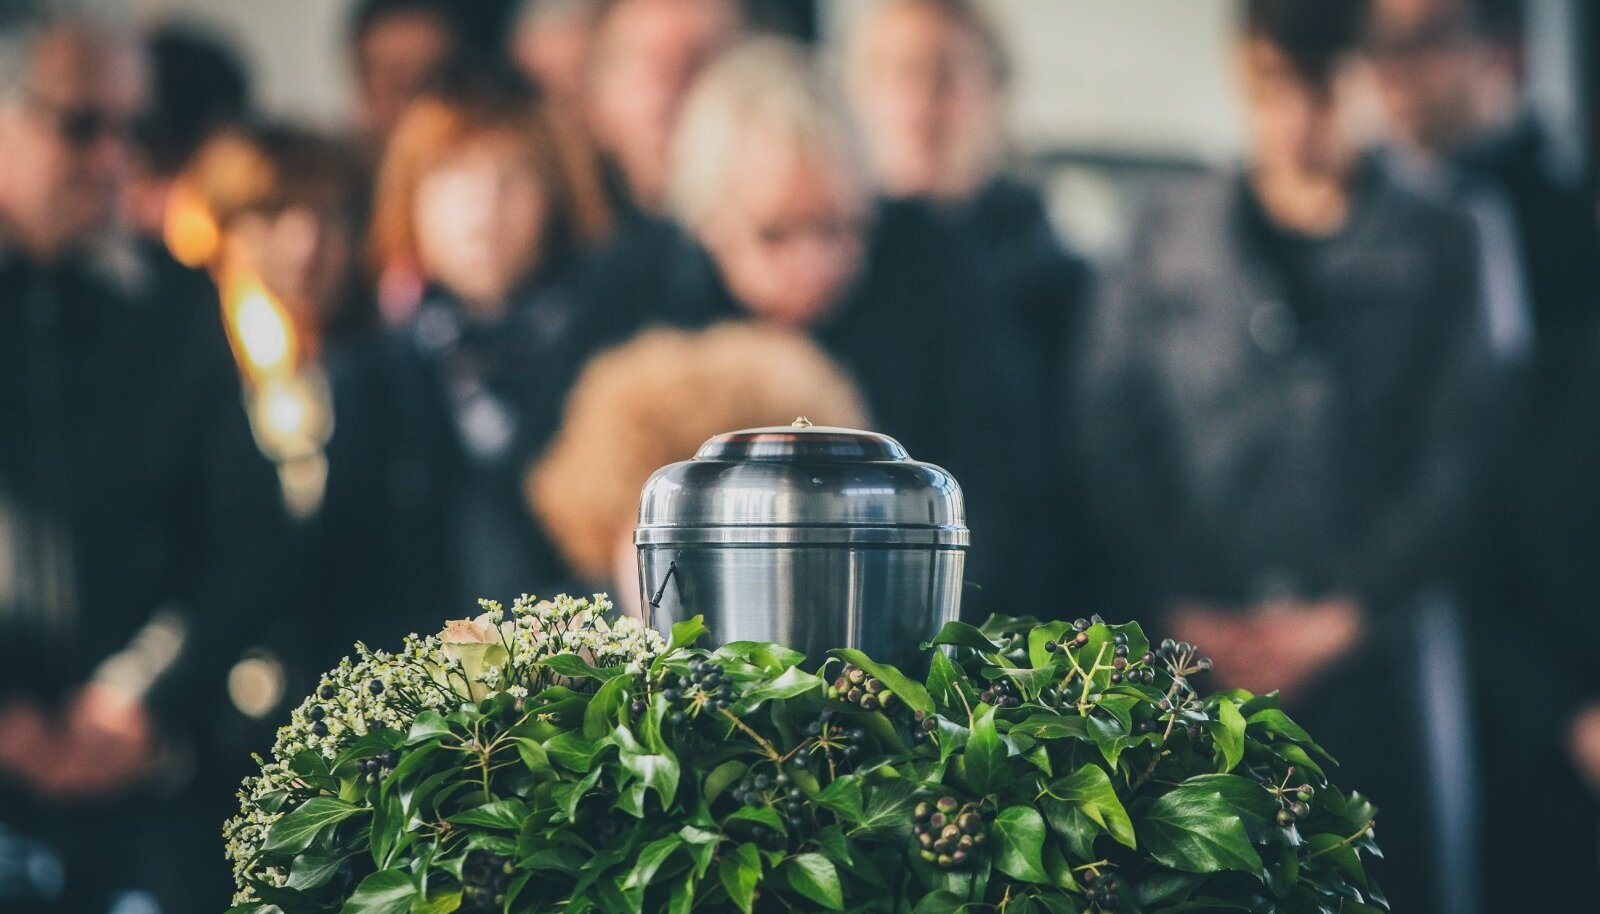 RASKE LAHKUMINE: Terviseamet soovitab lähedastel koroonasse surnud inimene tuhastada lasta.